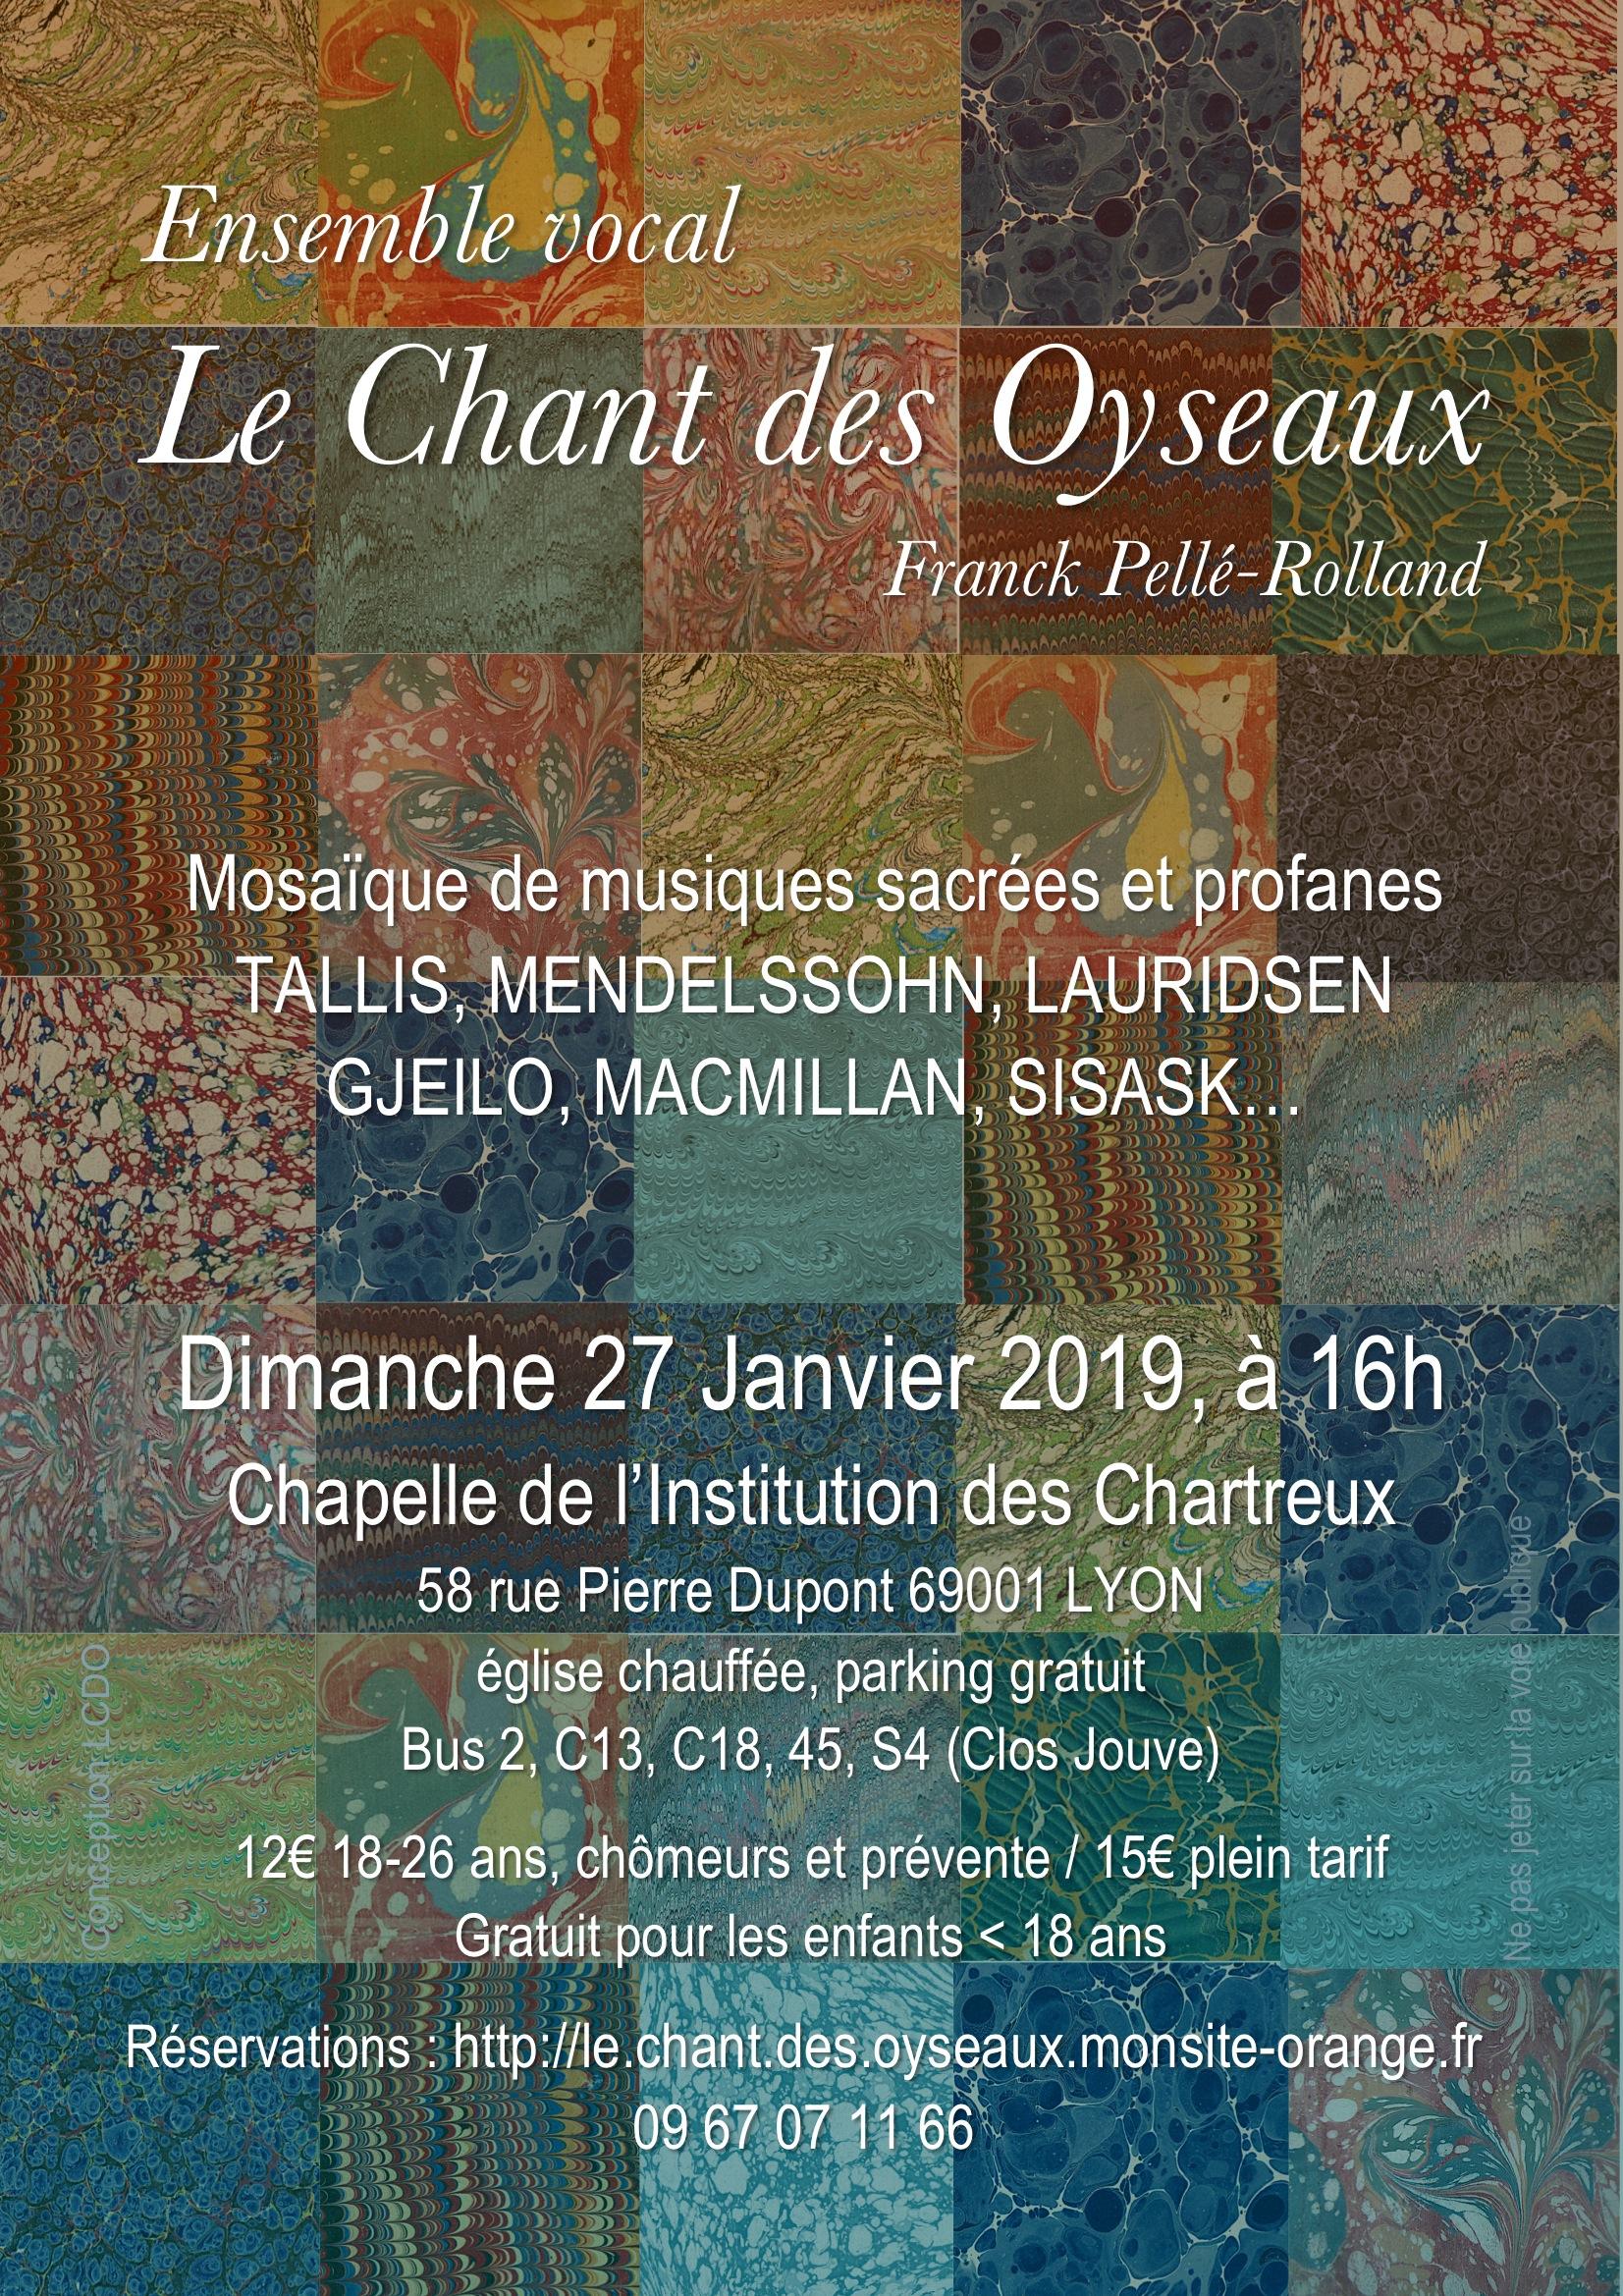 Concert de l'Ensemble Vocal Le Chant des Oyseaux le 27 janvier 2019 à Lyon (69)